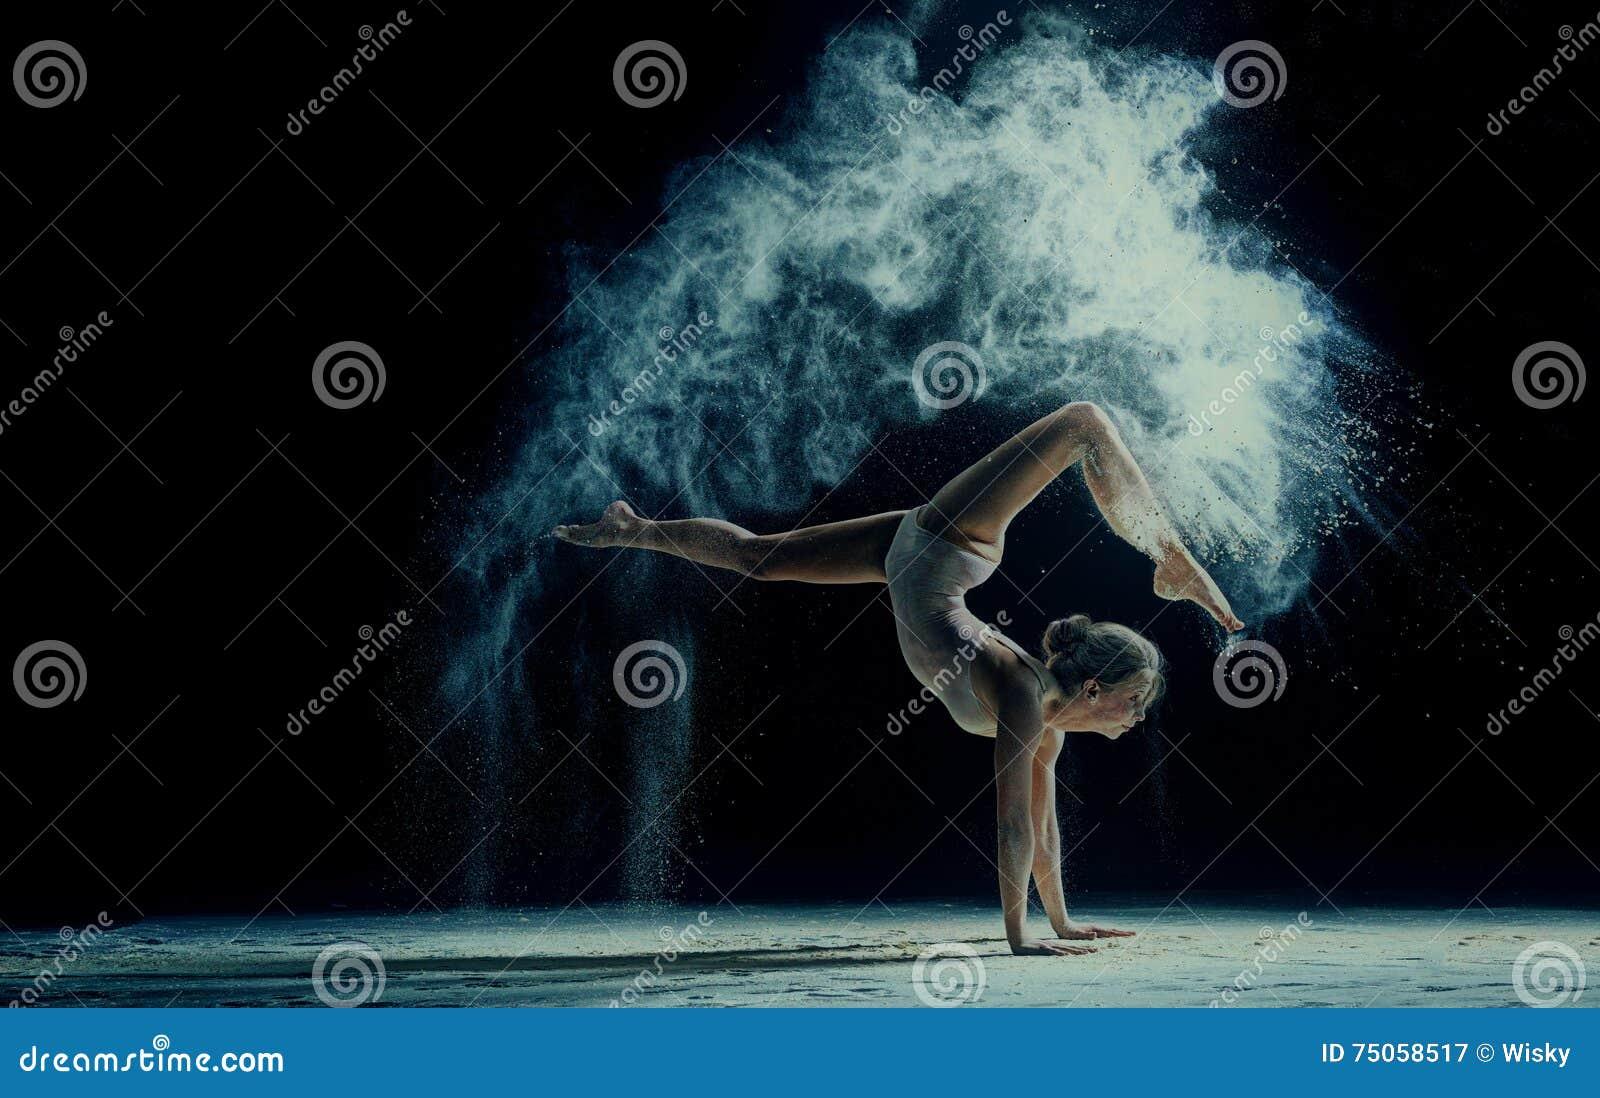 Χαριτωμένη γυναίκα που χορεύει στο σύννεφο της σκόνης